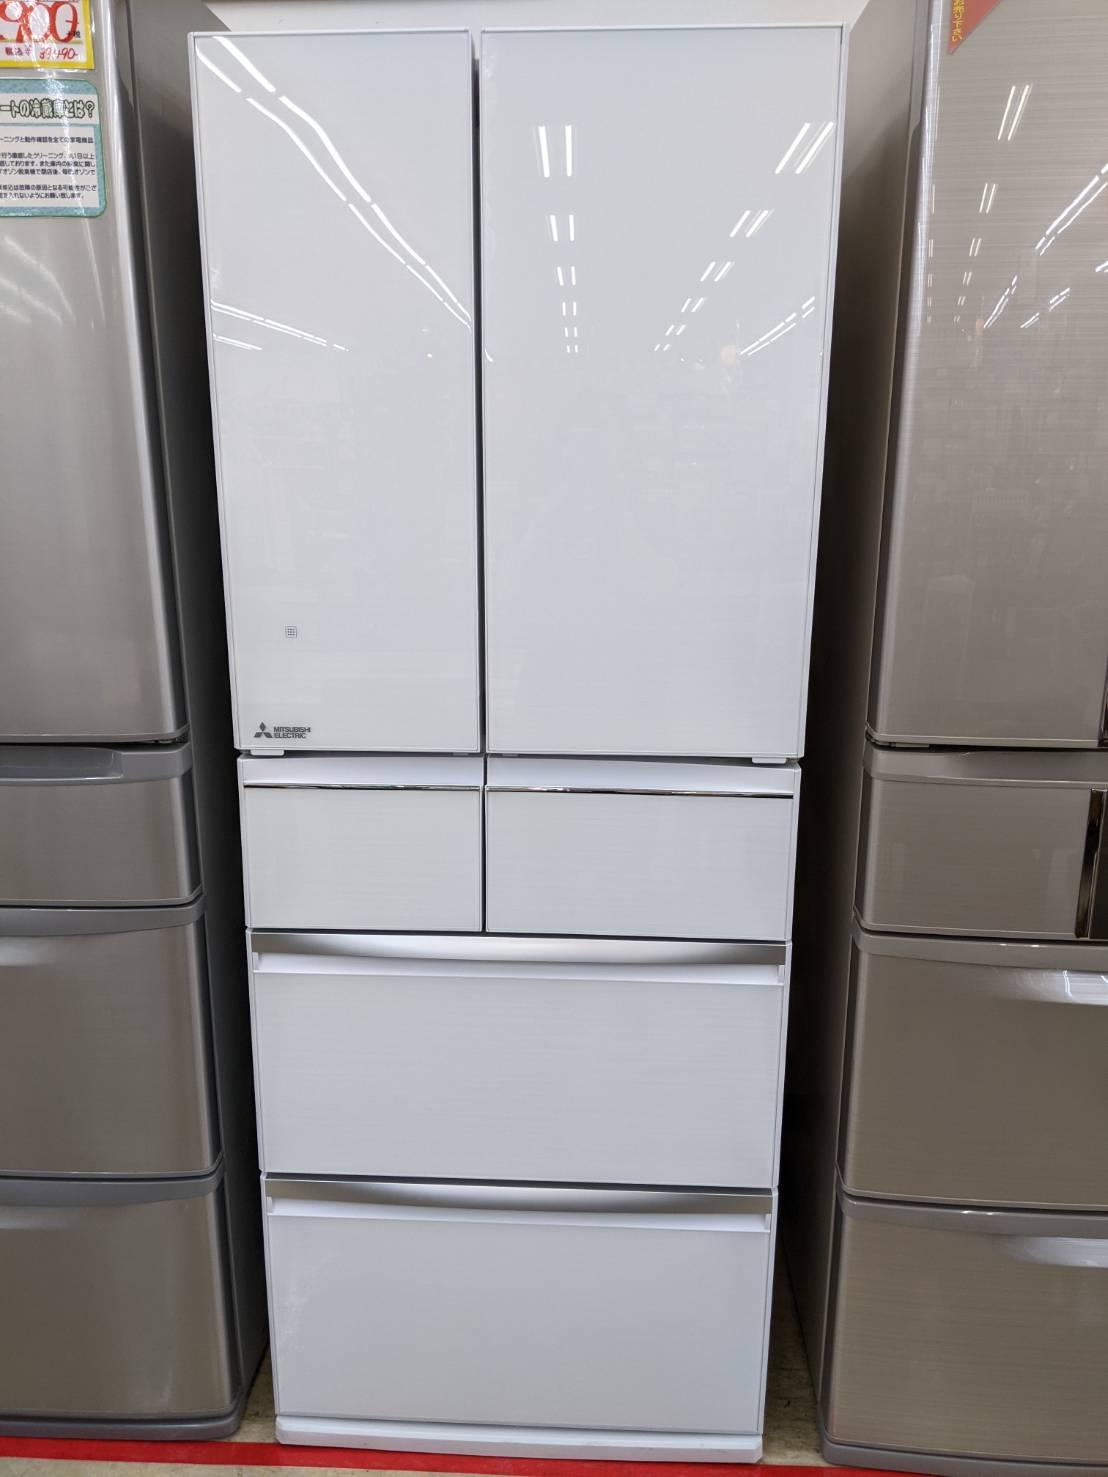 【2018年製 MITSUBISHI 470L冷蔵庫 MR-WX47LD-W 三菱】お買い取り致しました!!の買取-